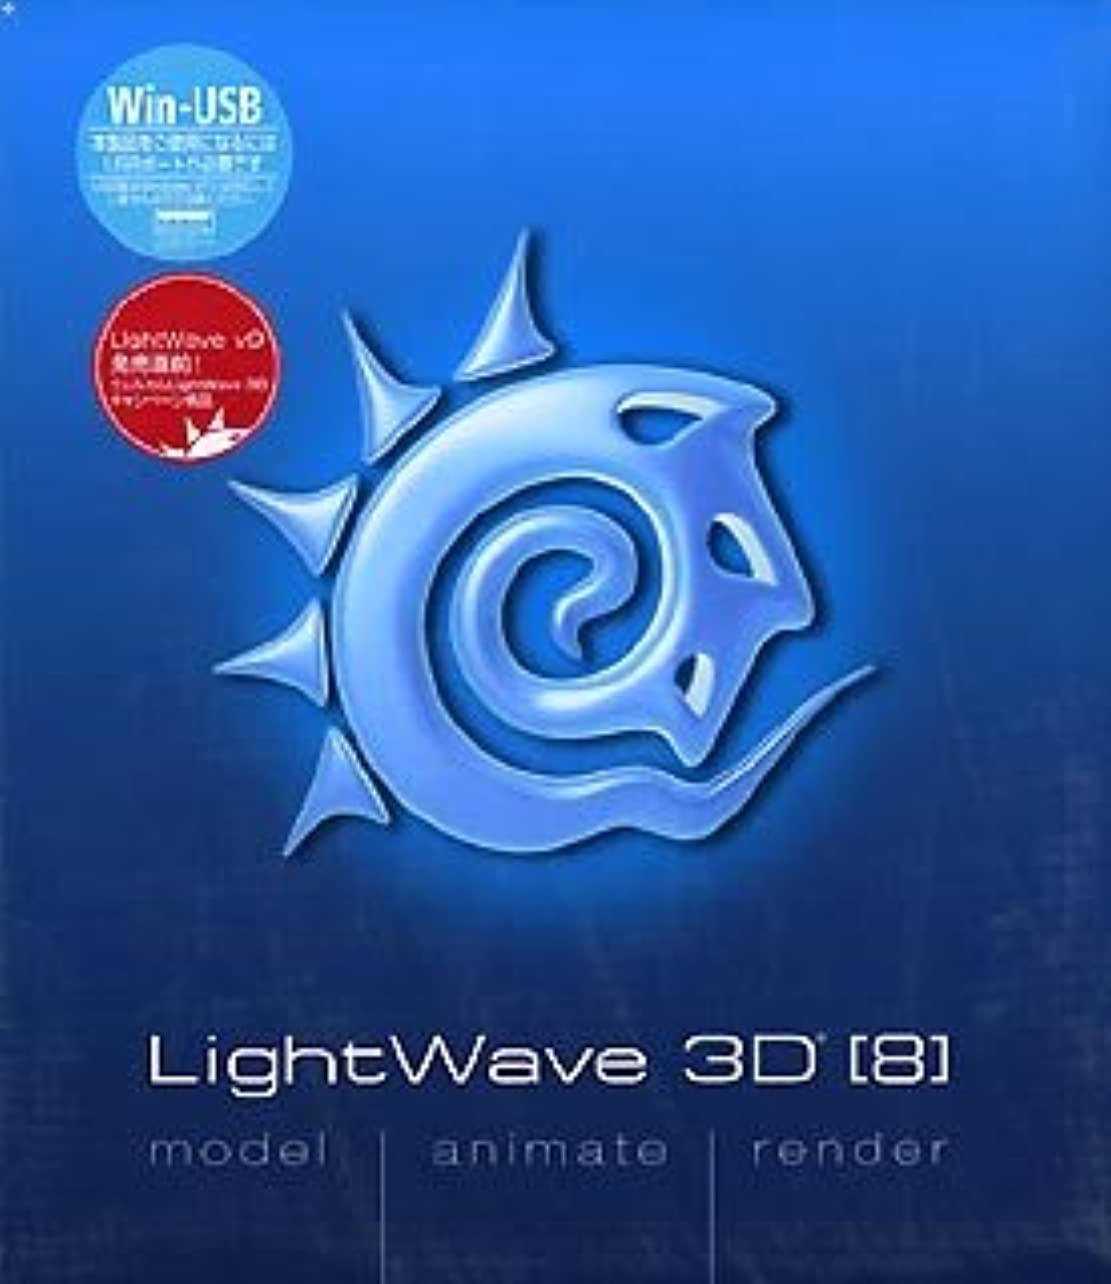 やさしいハリケーン接続されたLightWave 3D [8] Win-USB 日本語版 (製本マニュアル) LW9 無償ダウンロード権利付